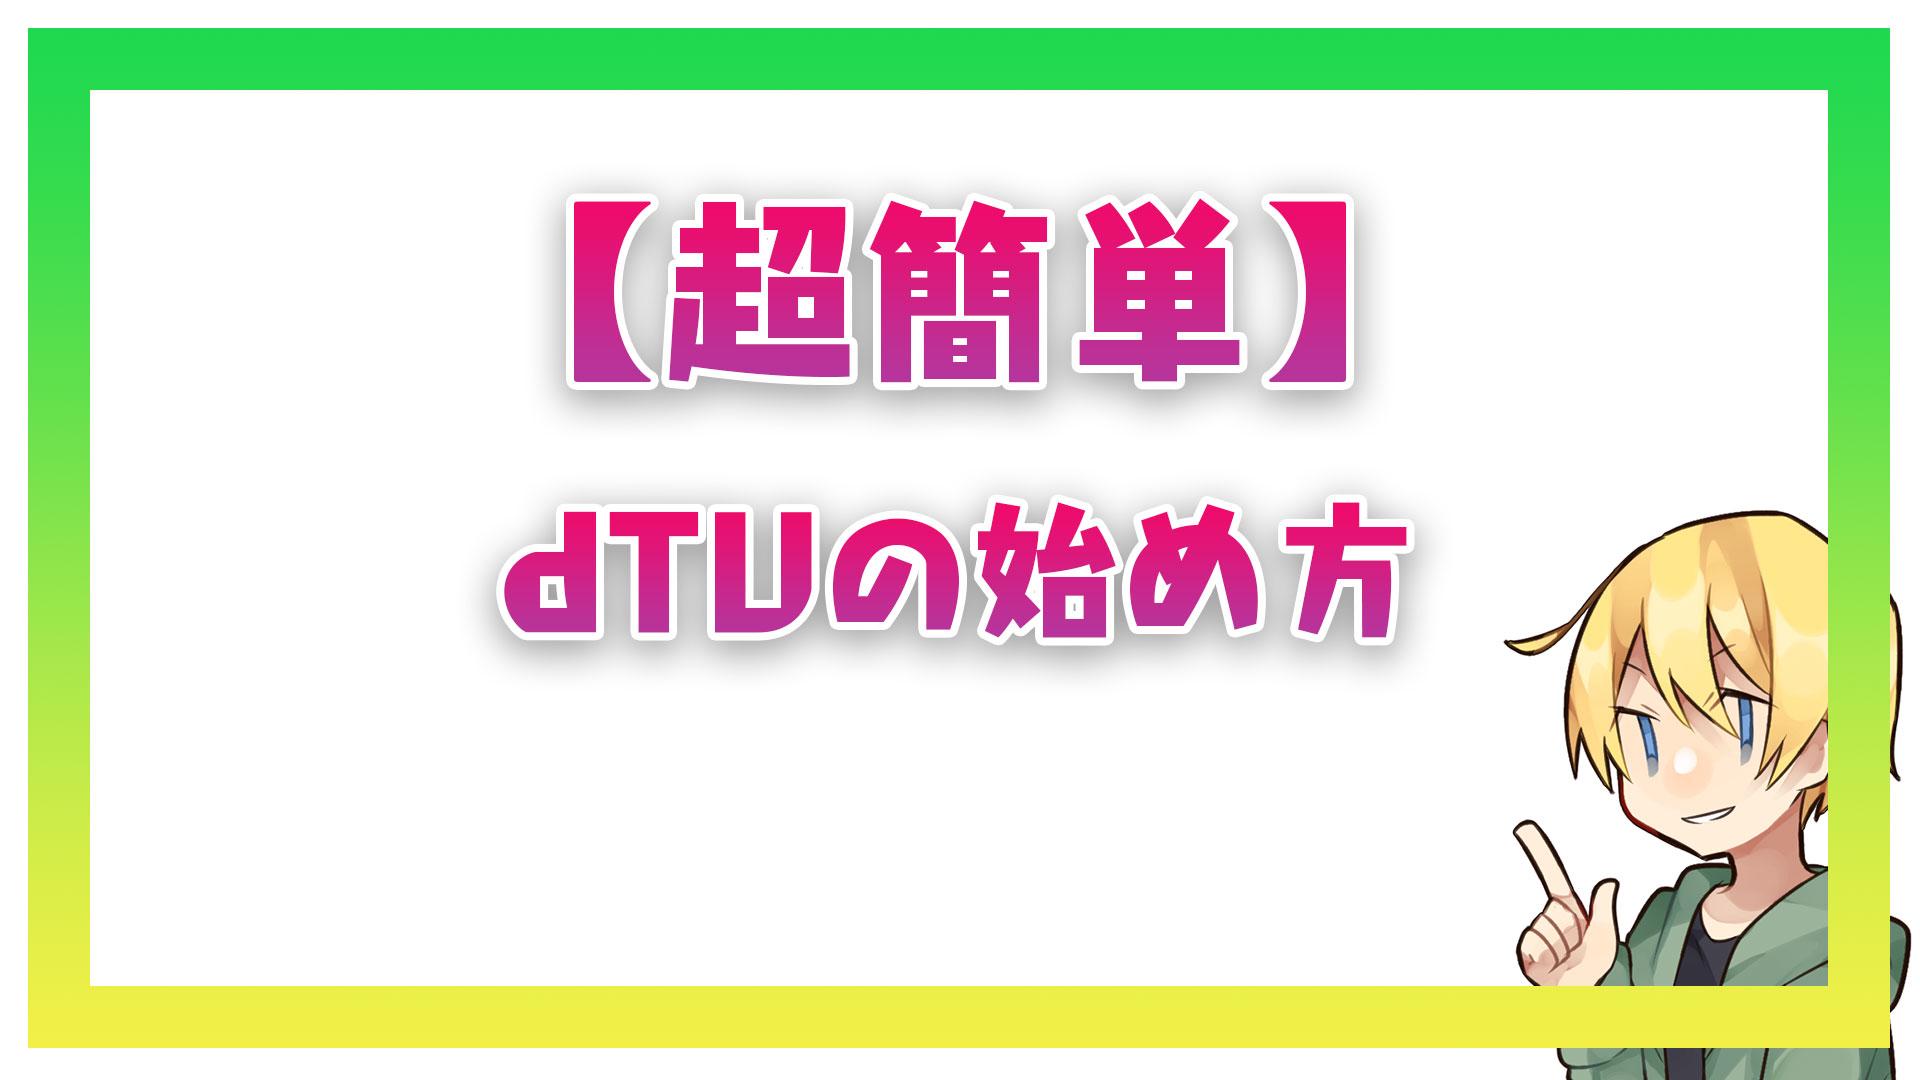 【超簡単】dTVの始め方!